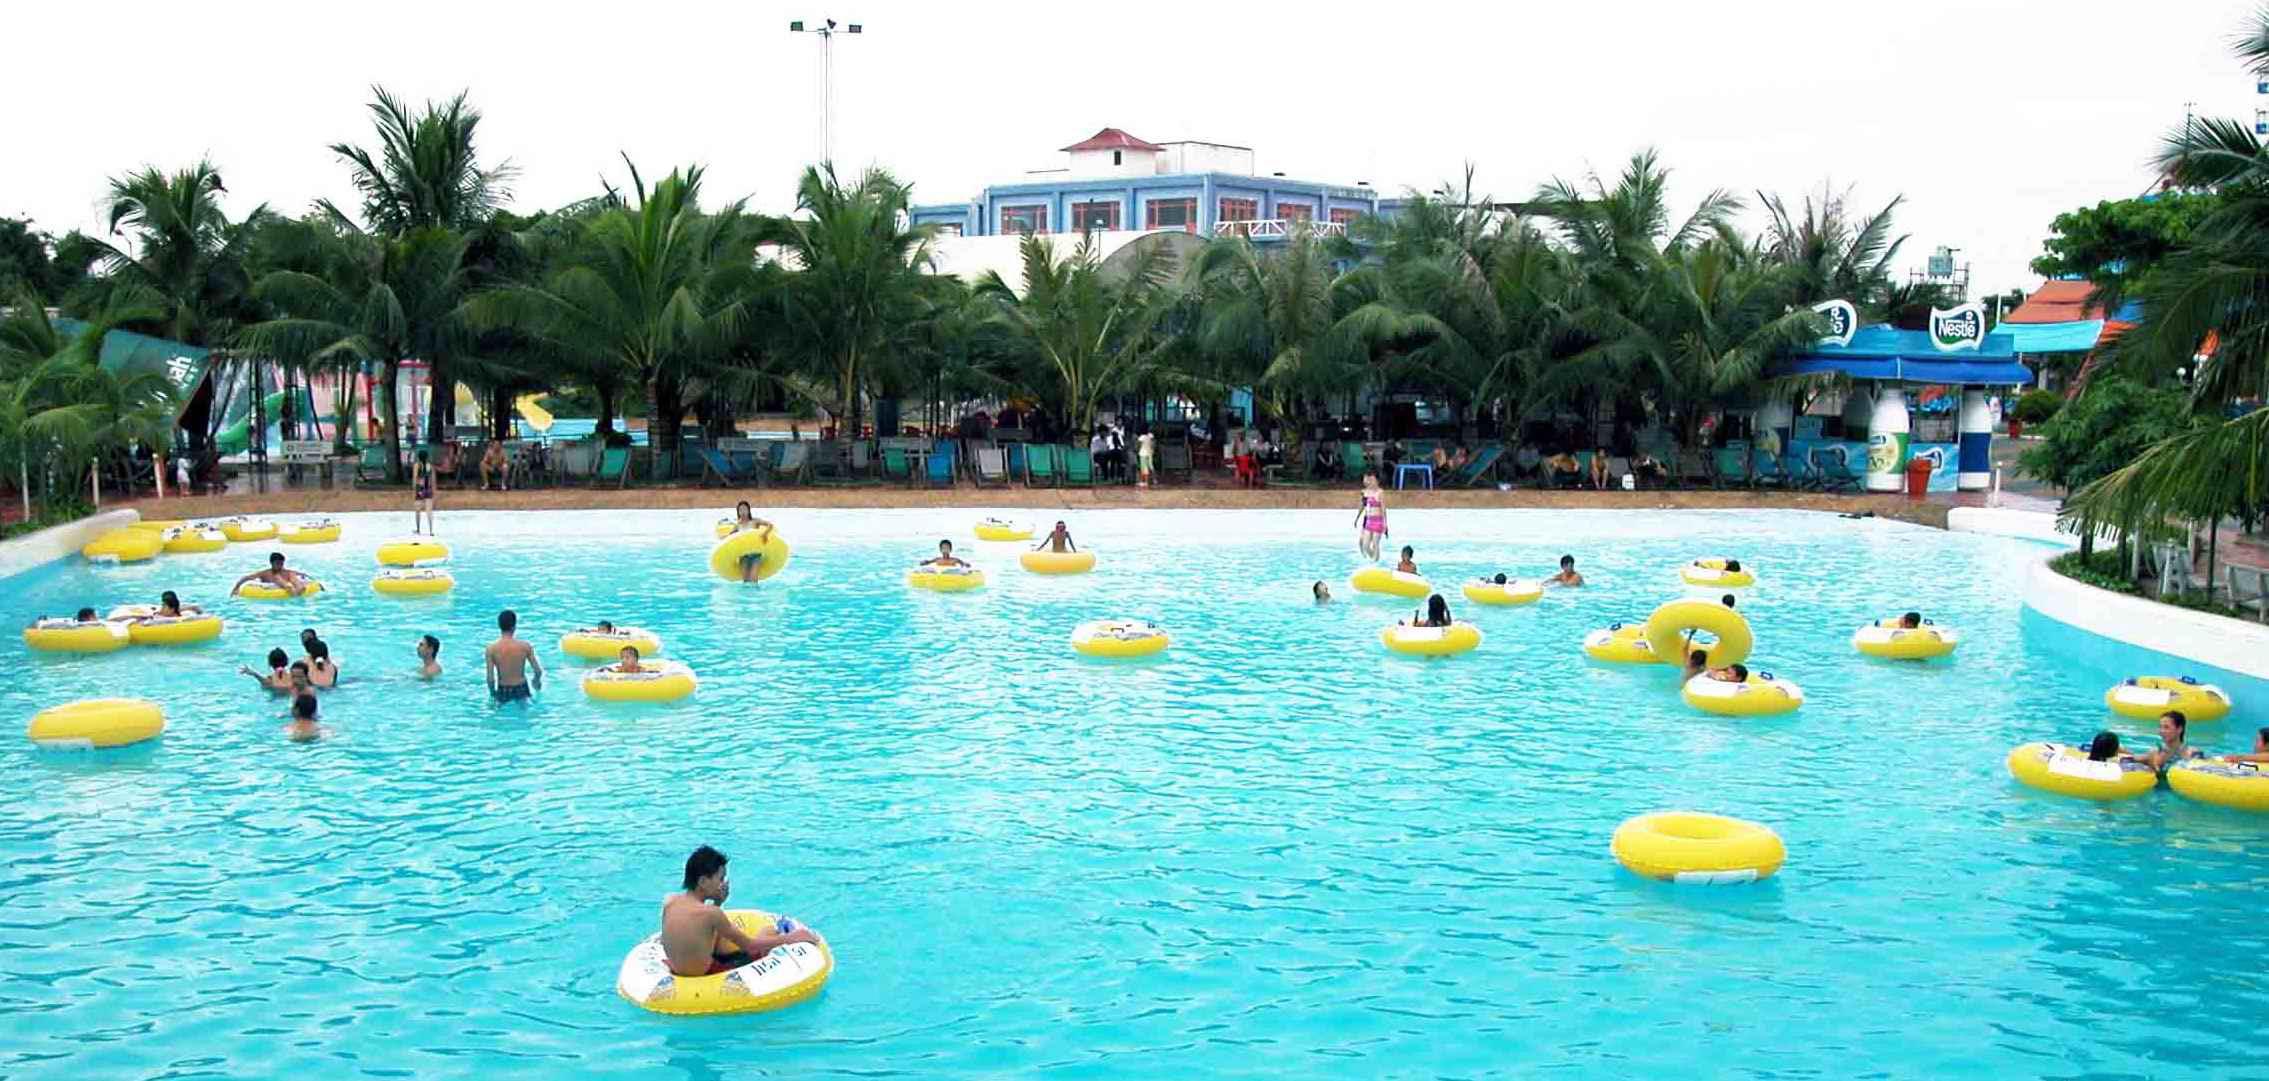 Cập nhật giá vé thời điểm hiện tại của các bể bơi ở Hà Nội theo quận giúp chị em dẫn cả gia đình tới giải nhiệt ngày hè khỏi lăn tăn - Ảnh 13.